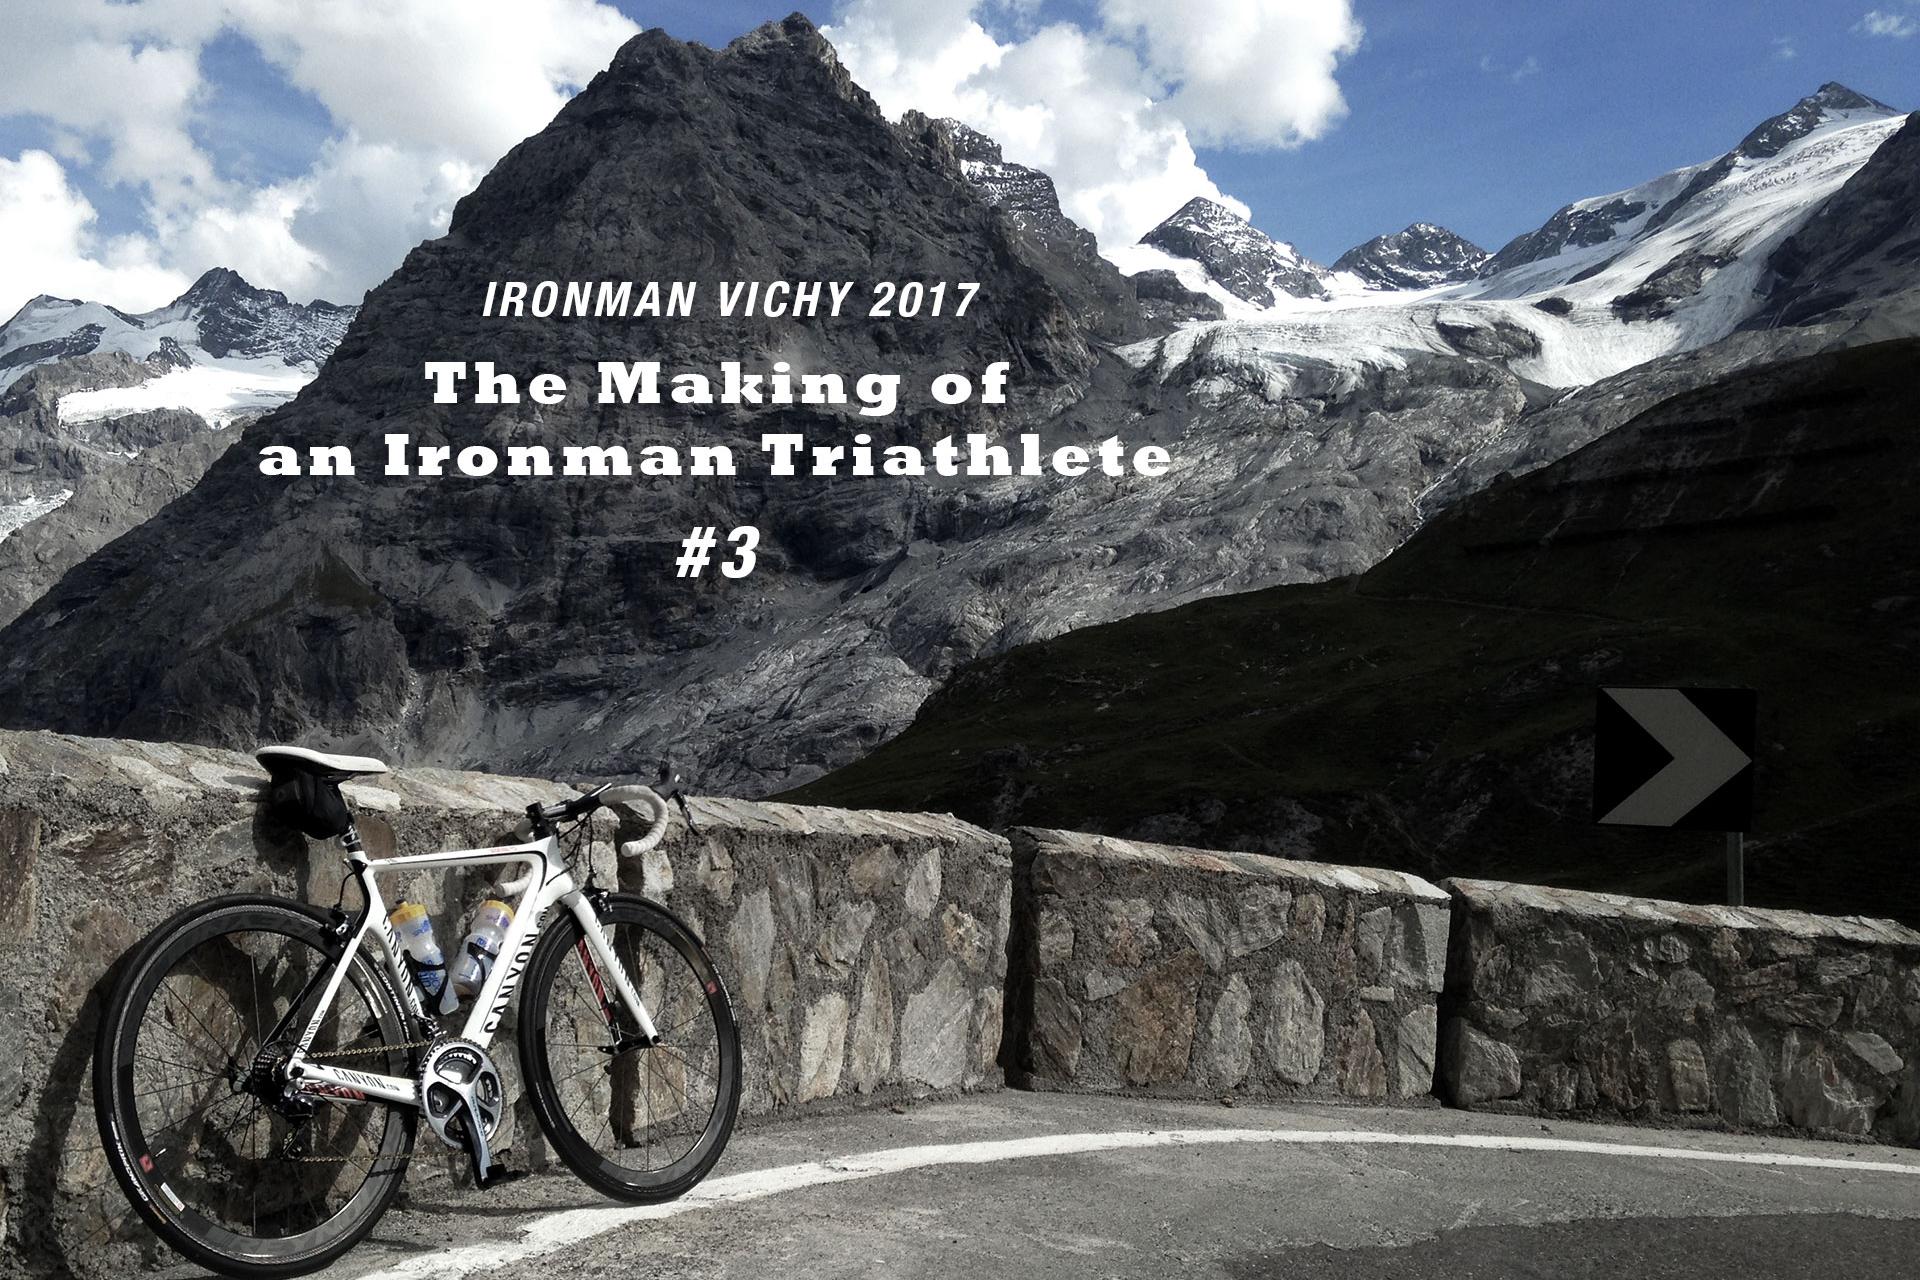 IRONMAN VICHY 2017 The Making of an Ironman Triathlete #3 / Spektakuläres Panorama von Südflanke des Stilfser Jochs auf das Ortler Massiv © Stefan Drexl